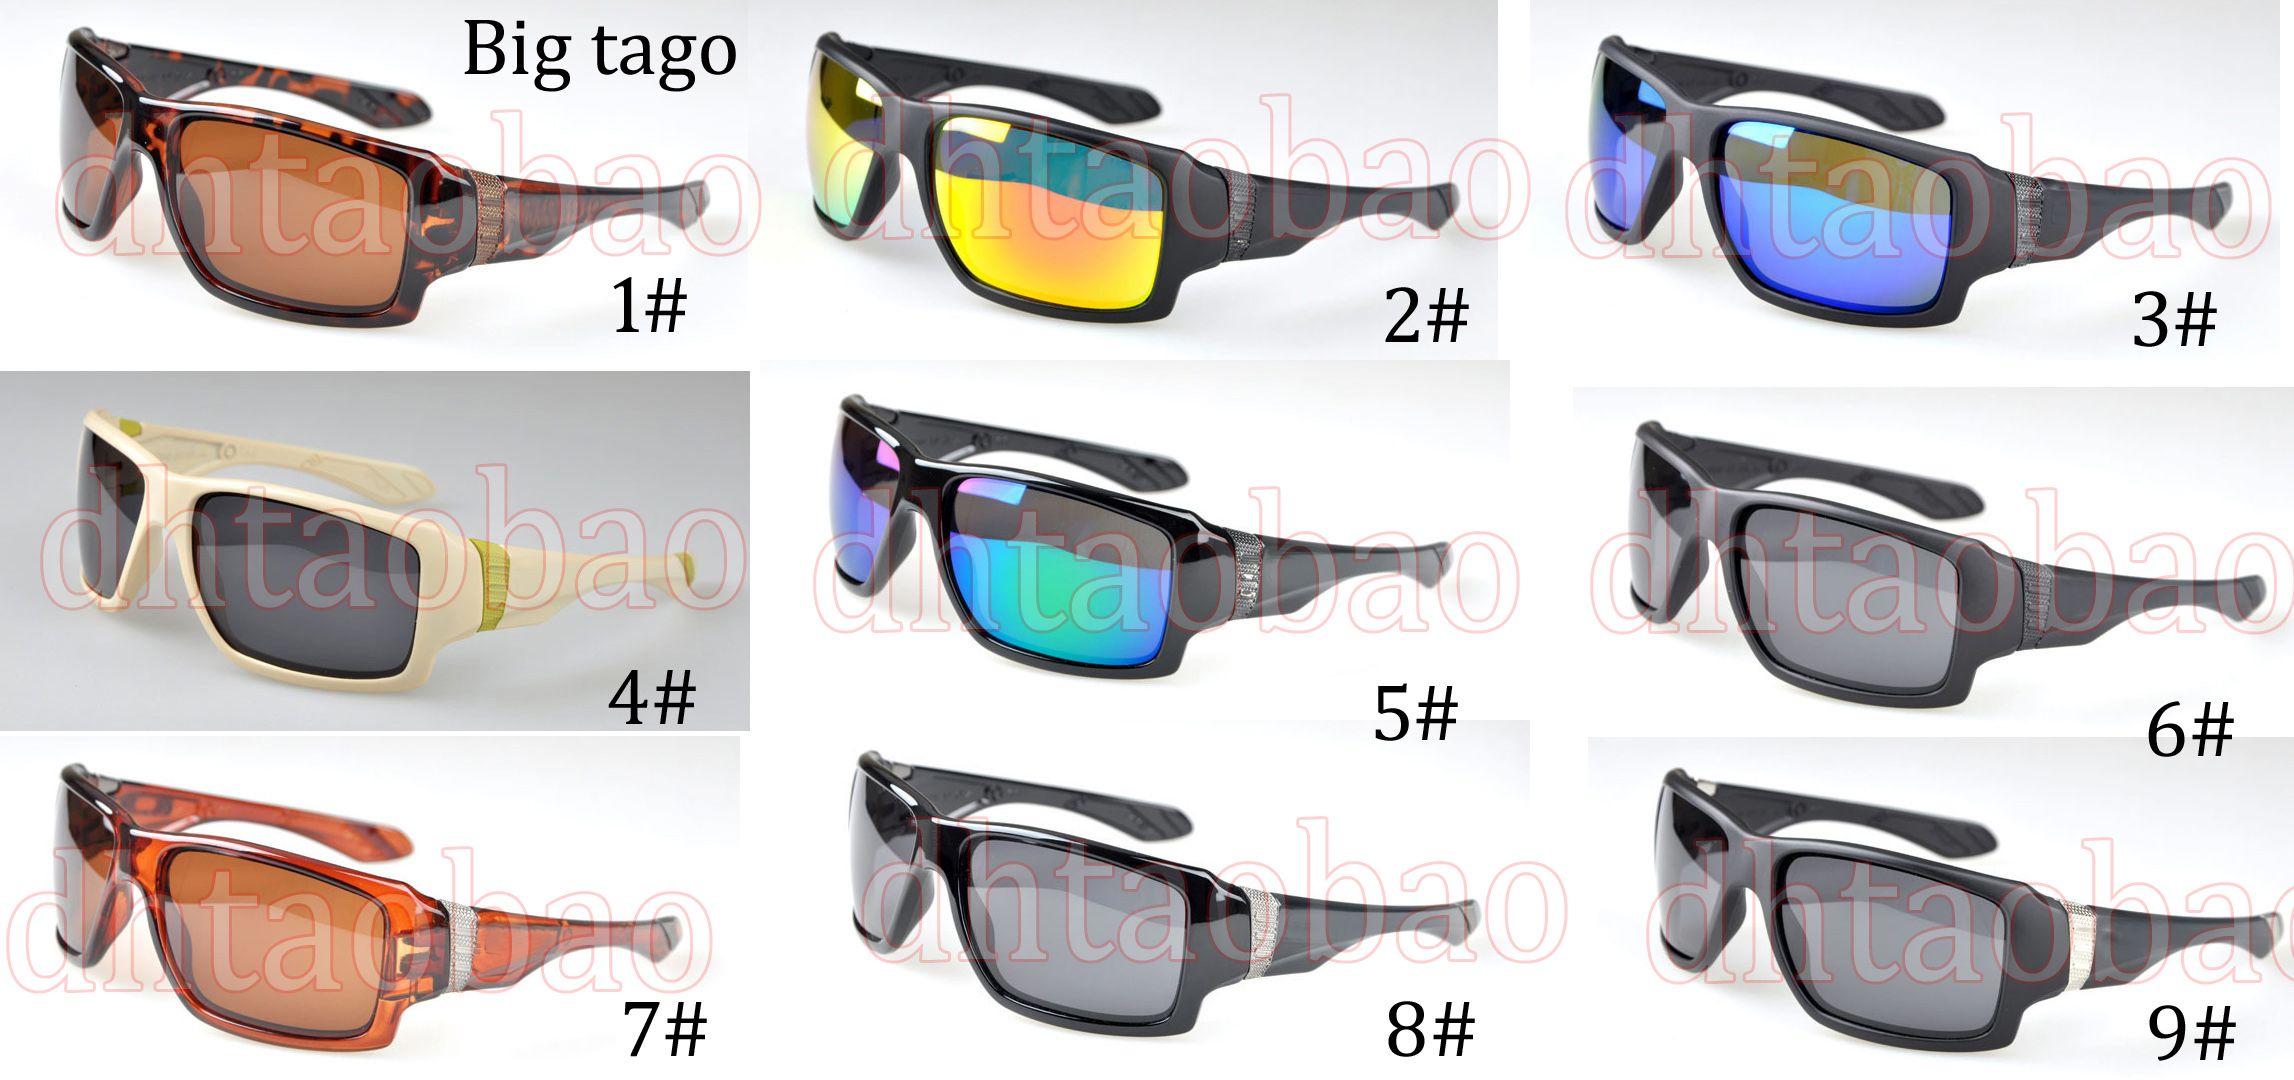 b7d7b5bca368a Compre Moq   De Alta Qualidade Unisex Classics Square Goggle Polarized  Óculos De Sol + Estojo Outdoor Driving Beach Ciclismo Óculos 6 Cores Frete  Grátis De ...